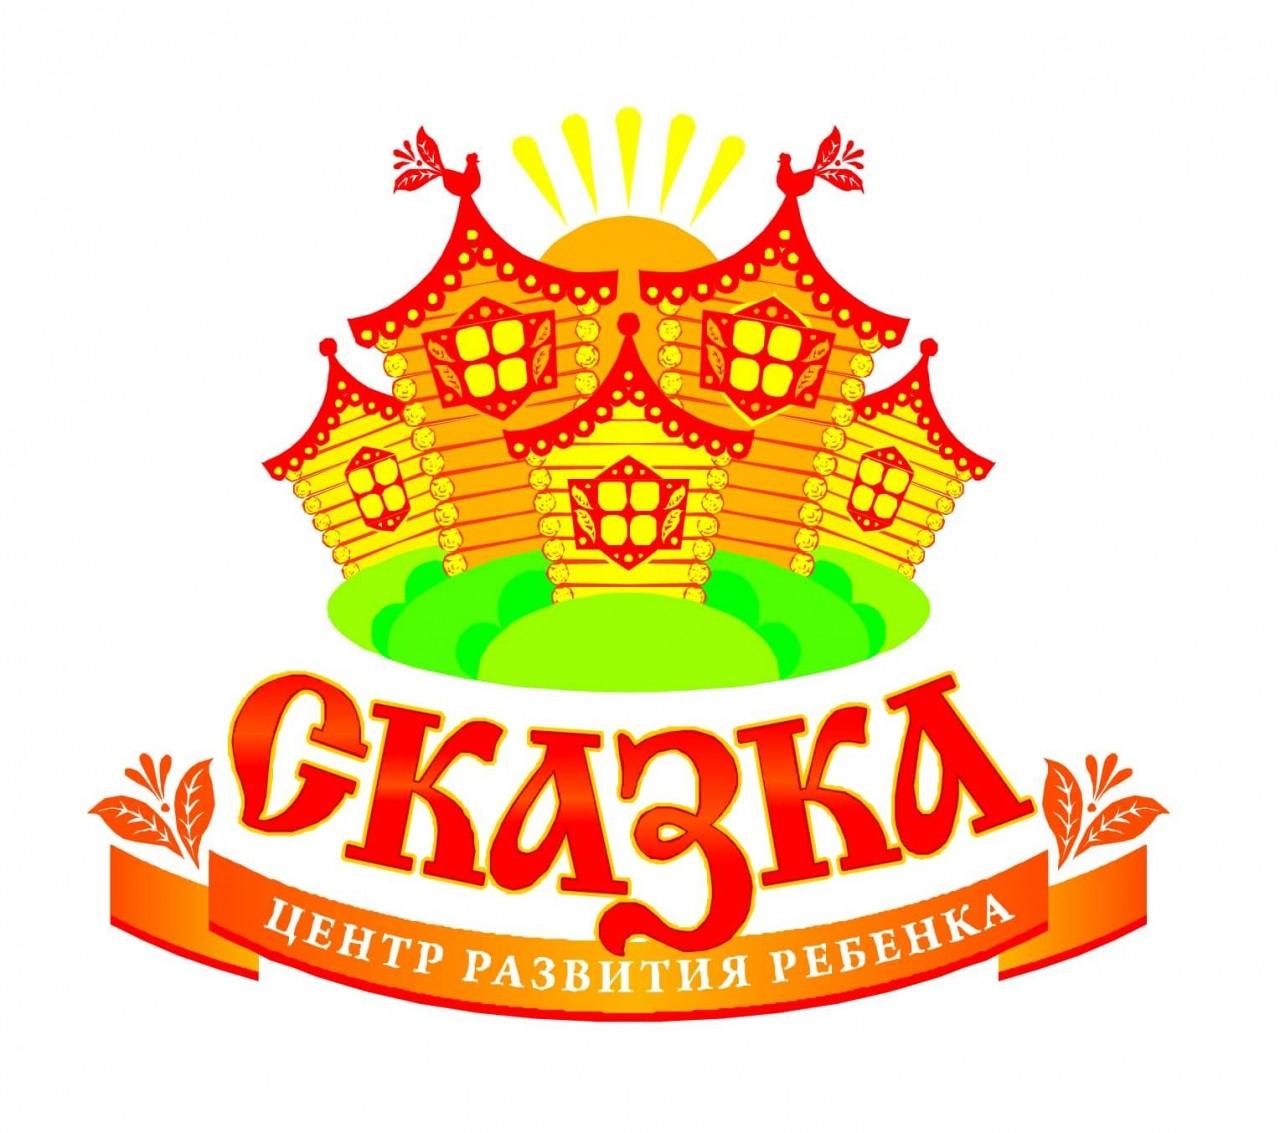 ckazka_1